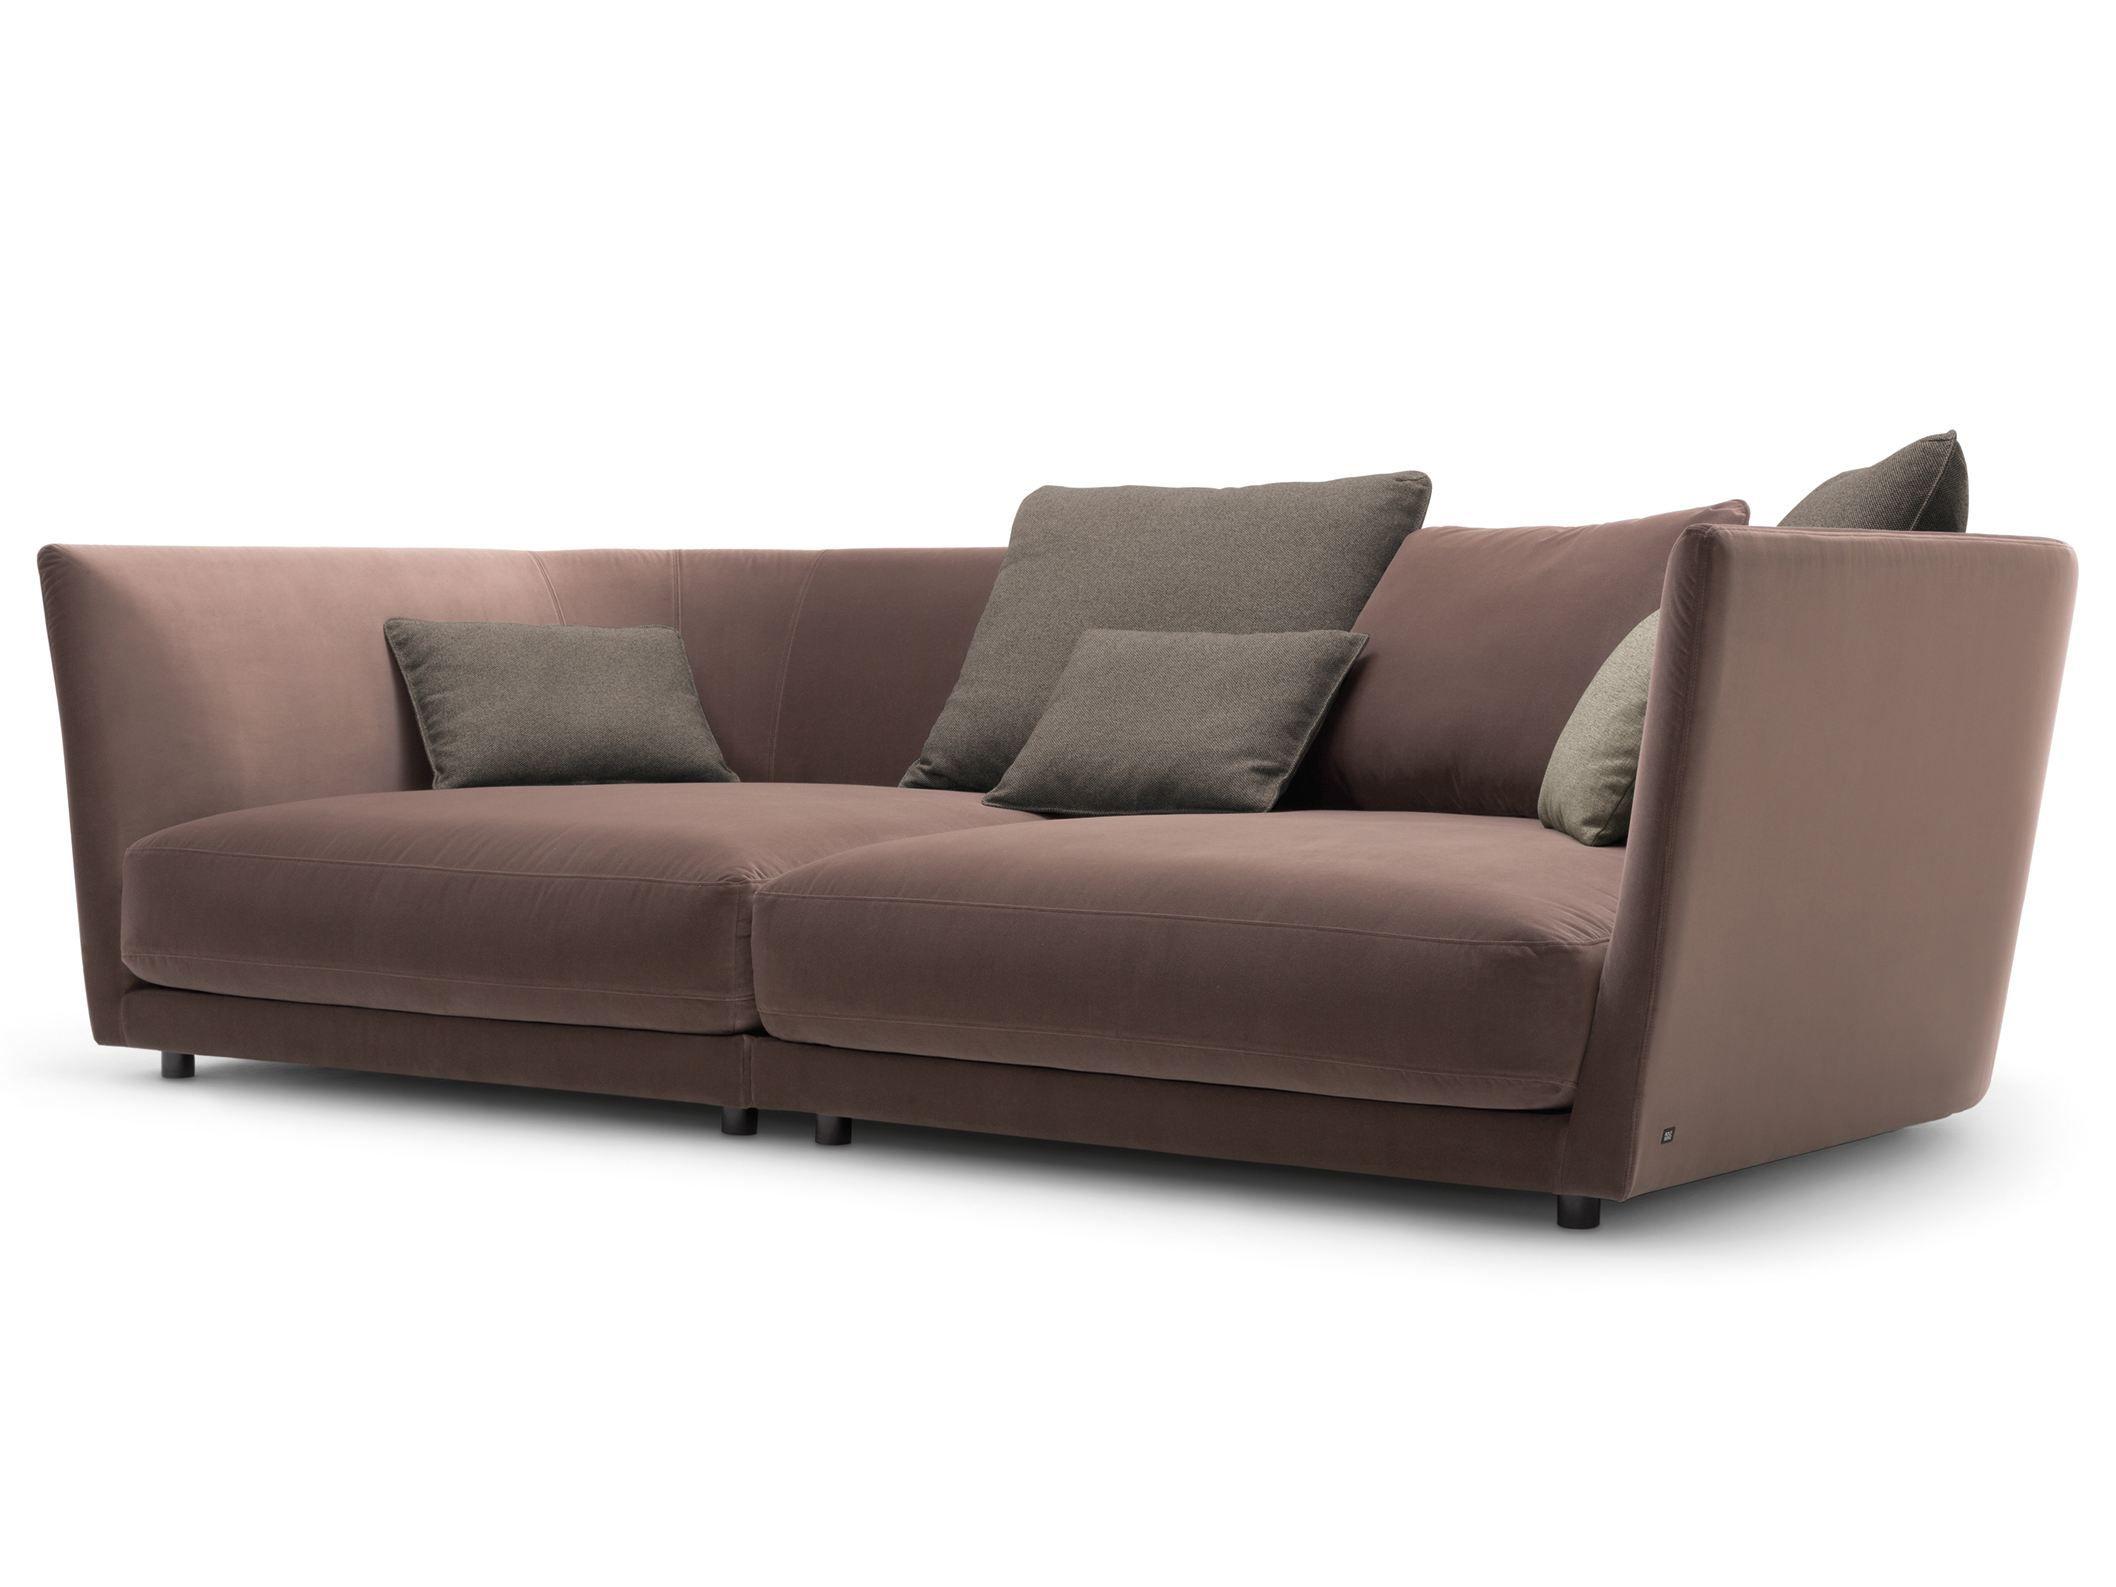 Tondo divano in velluto by rolf benz design sebastian labs for Divano tondo